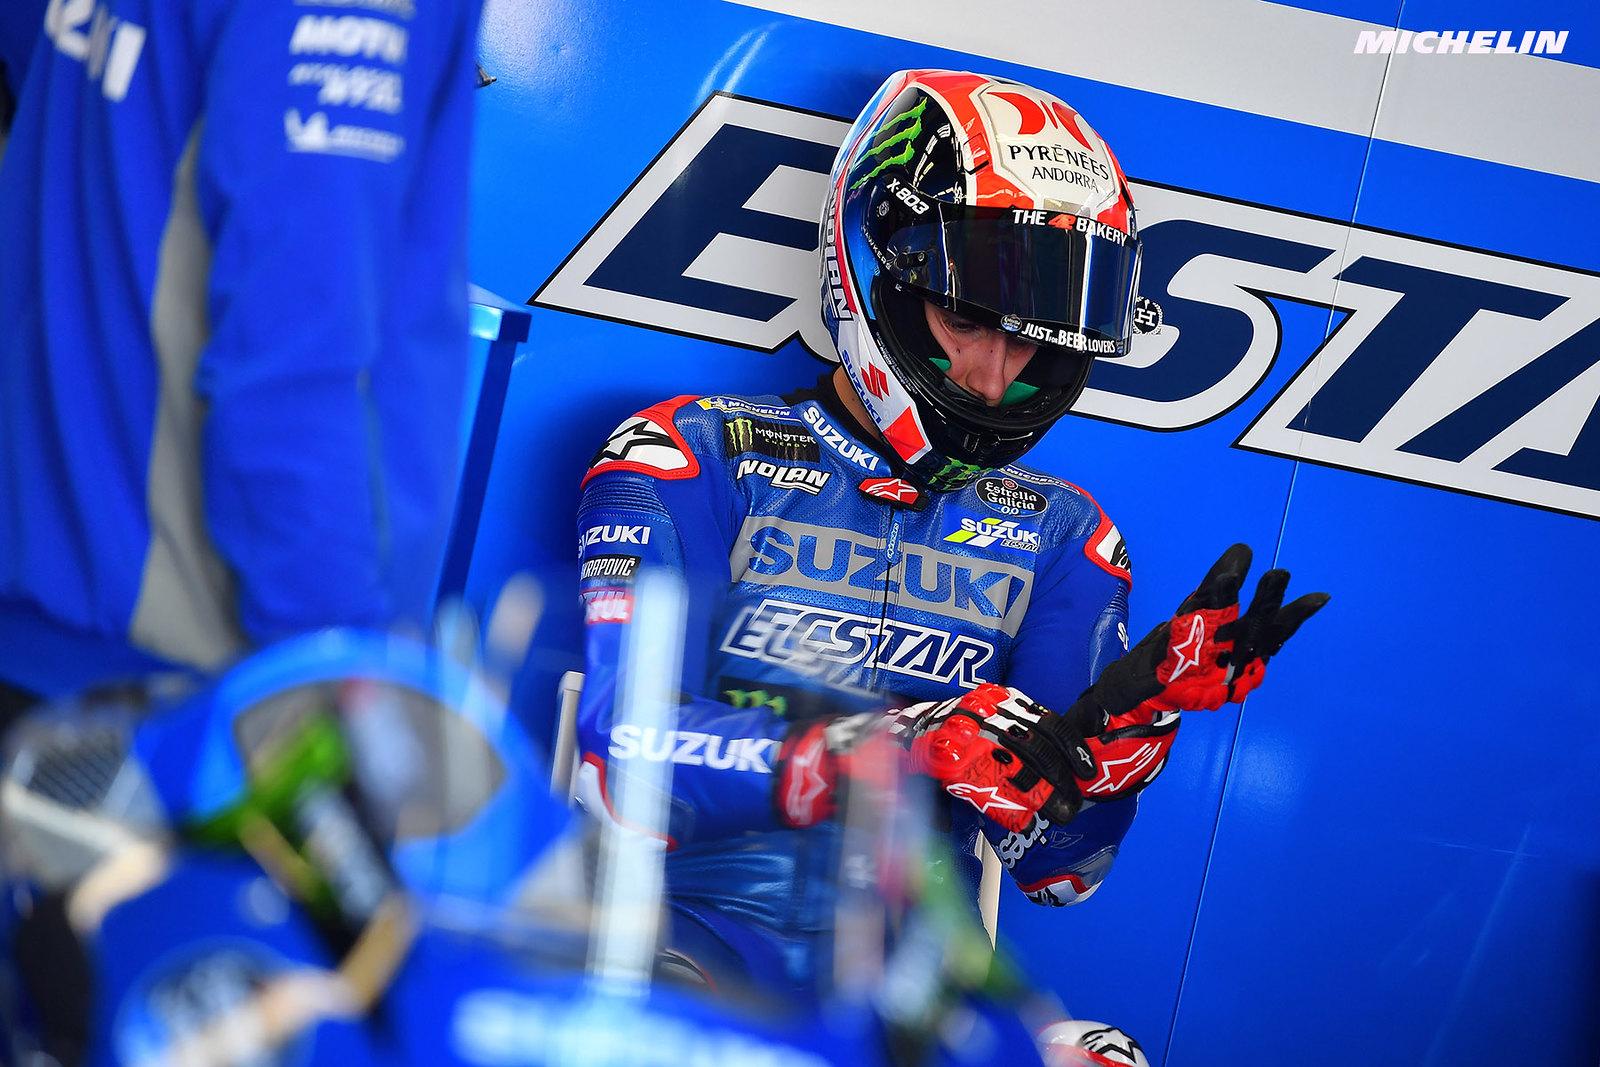 MotoGP2021イタリアGP 初日総合2位アレックス・リンス「FP1のスタートは容易ではなかった」